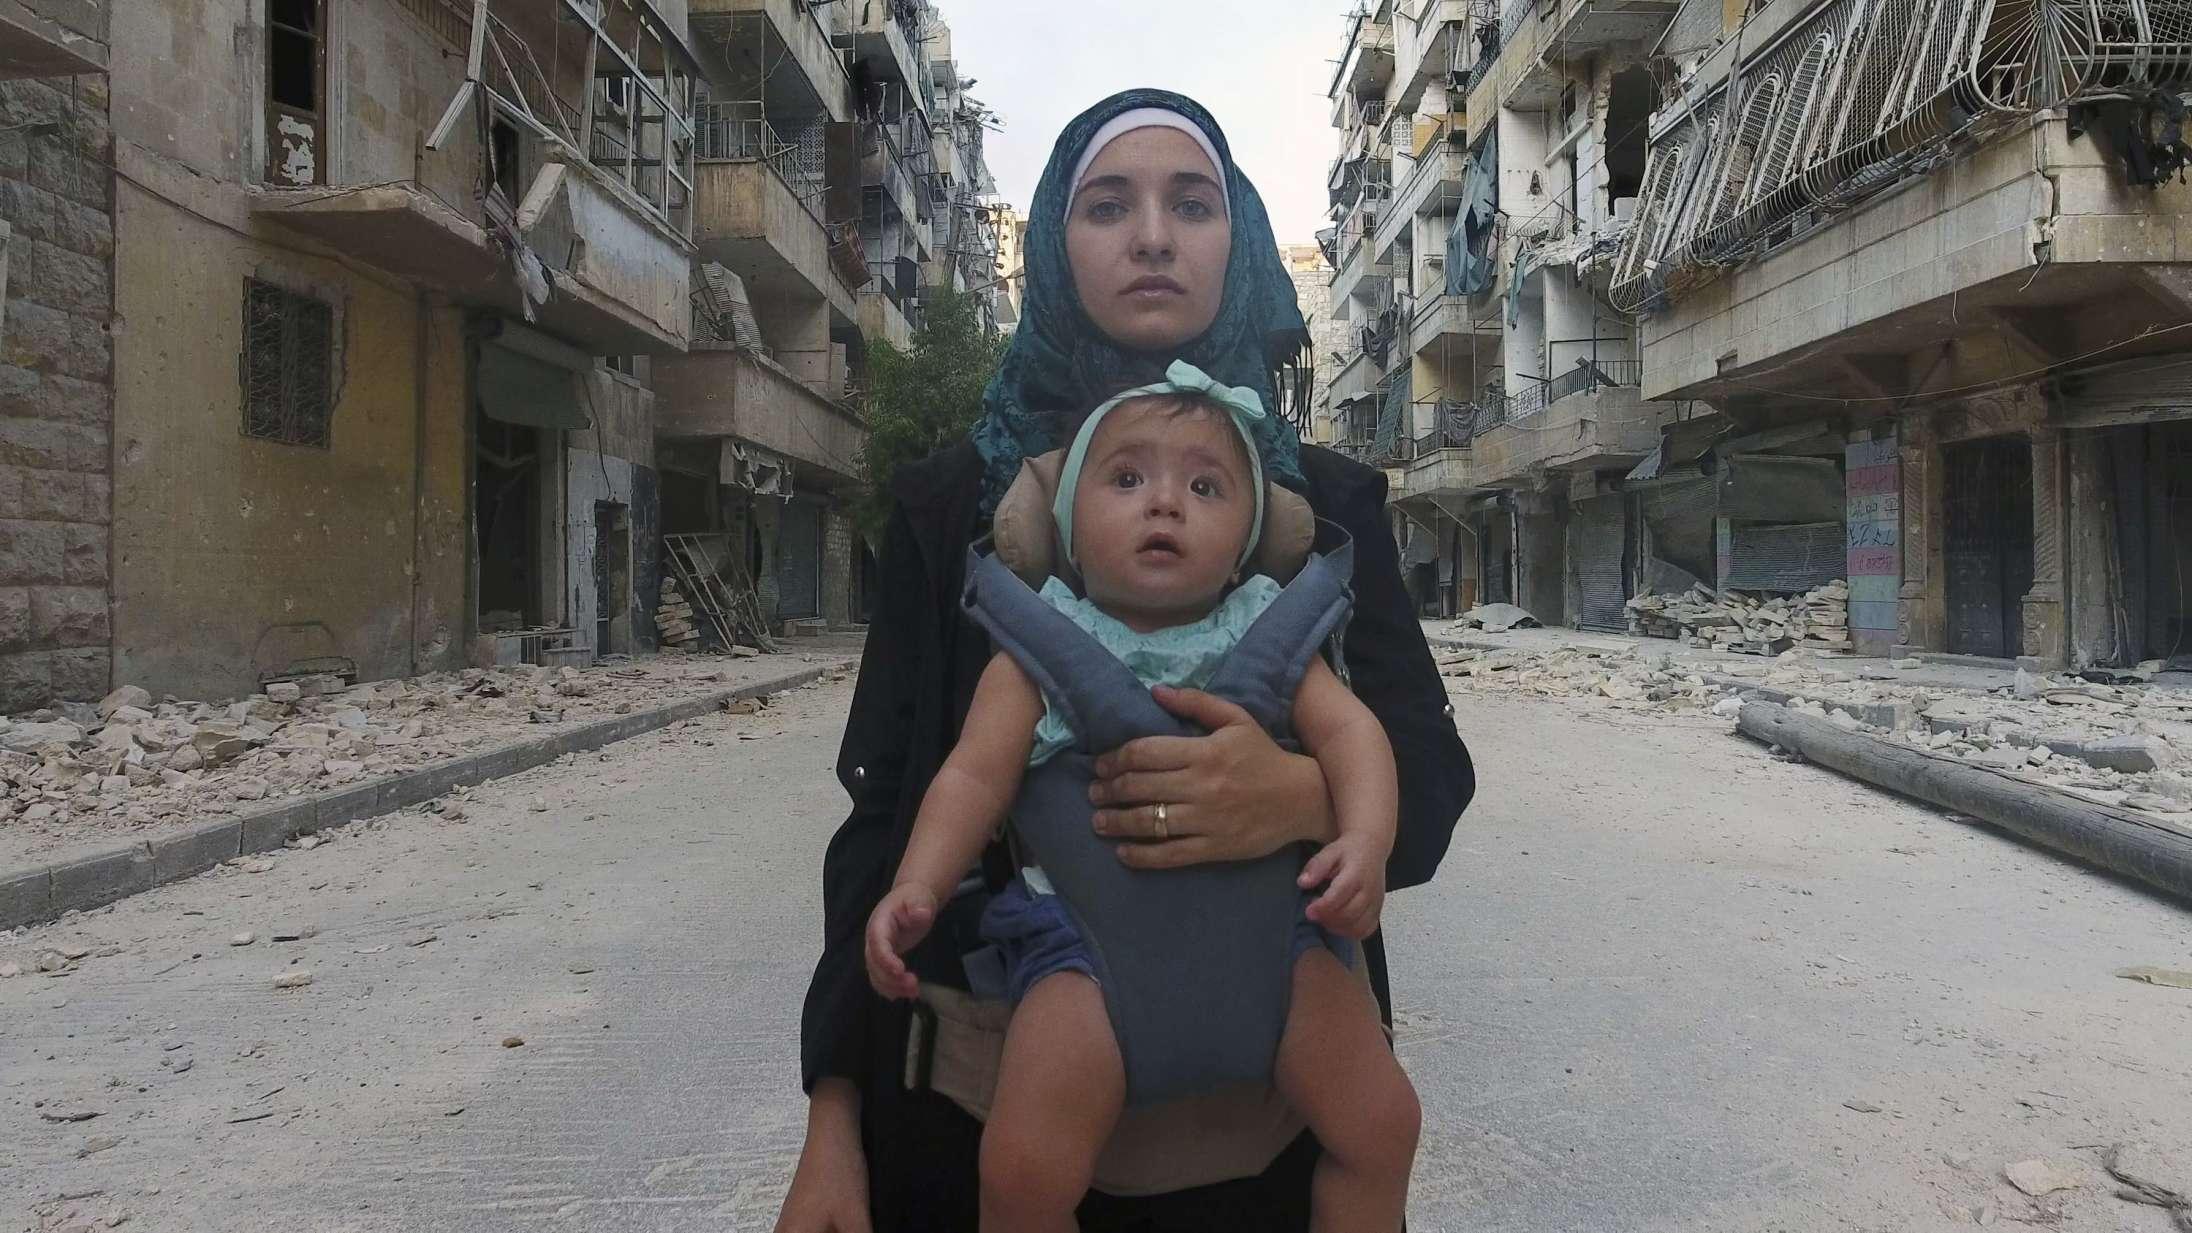 'Til Sama': Uafrystelig øjenvidneberetning fra Syrien knuser dit hjerte